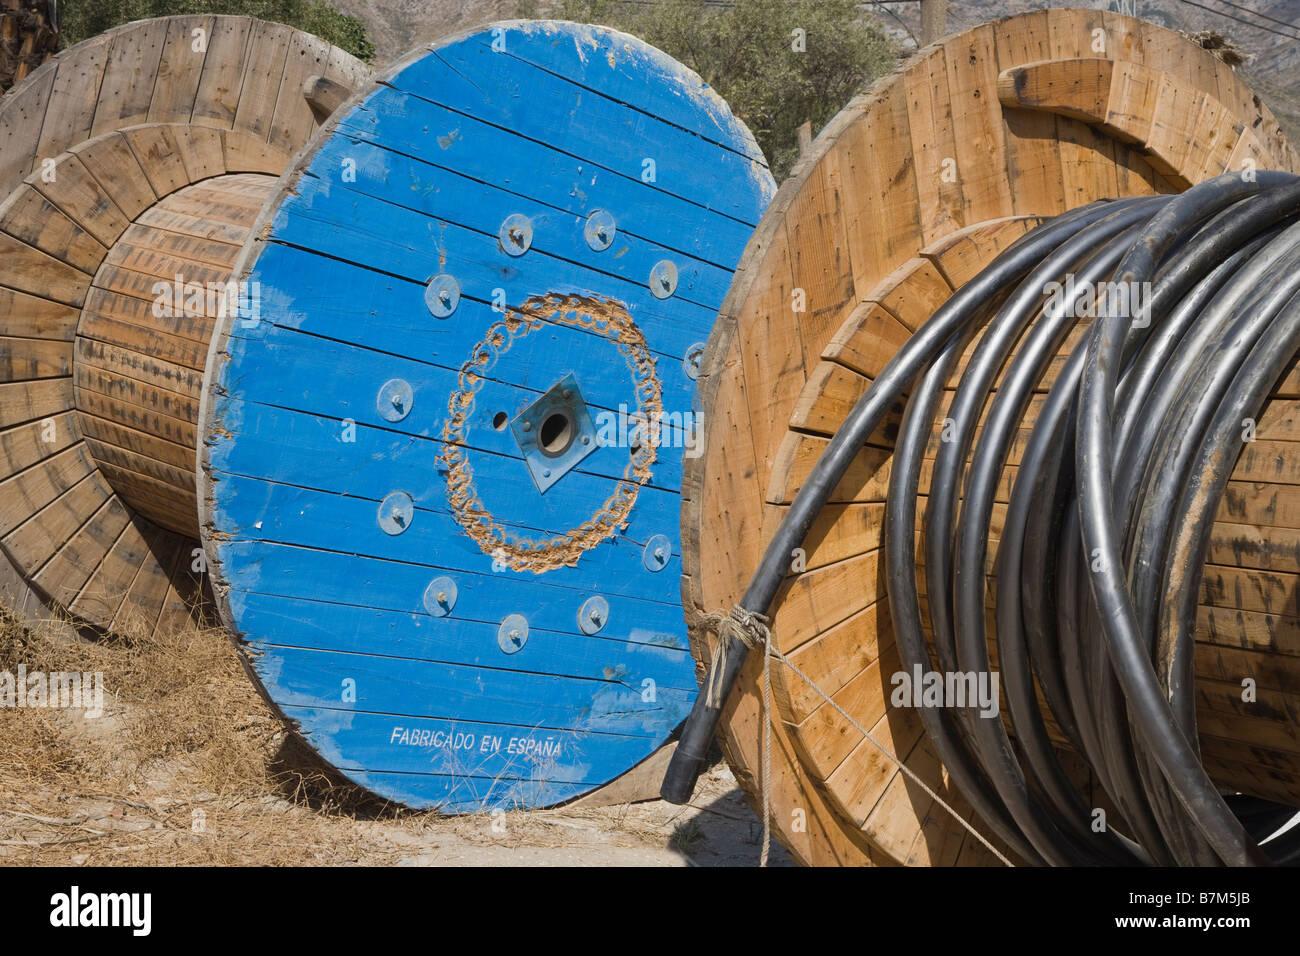 Rollen von Hochspannung elektrische Kabel Stockbild